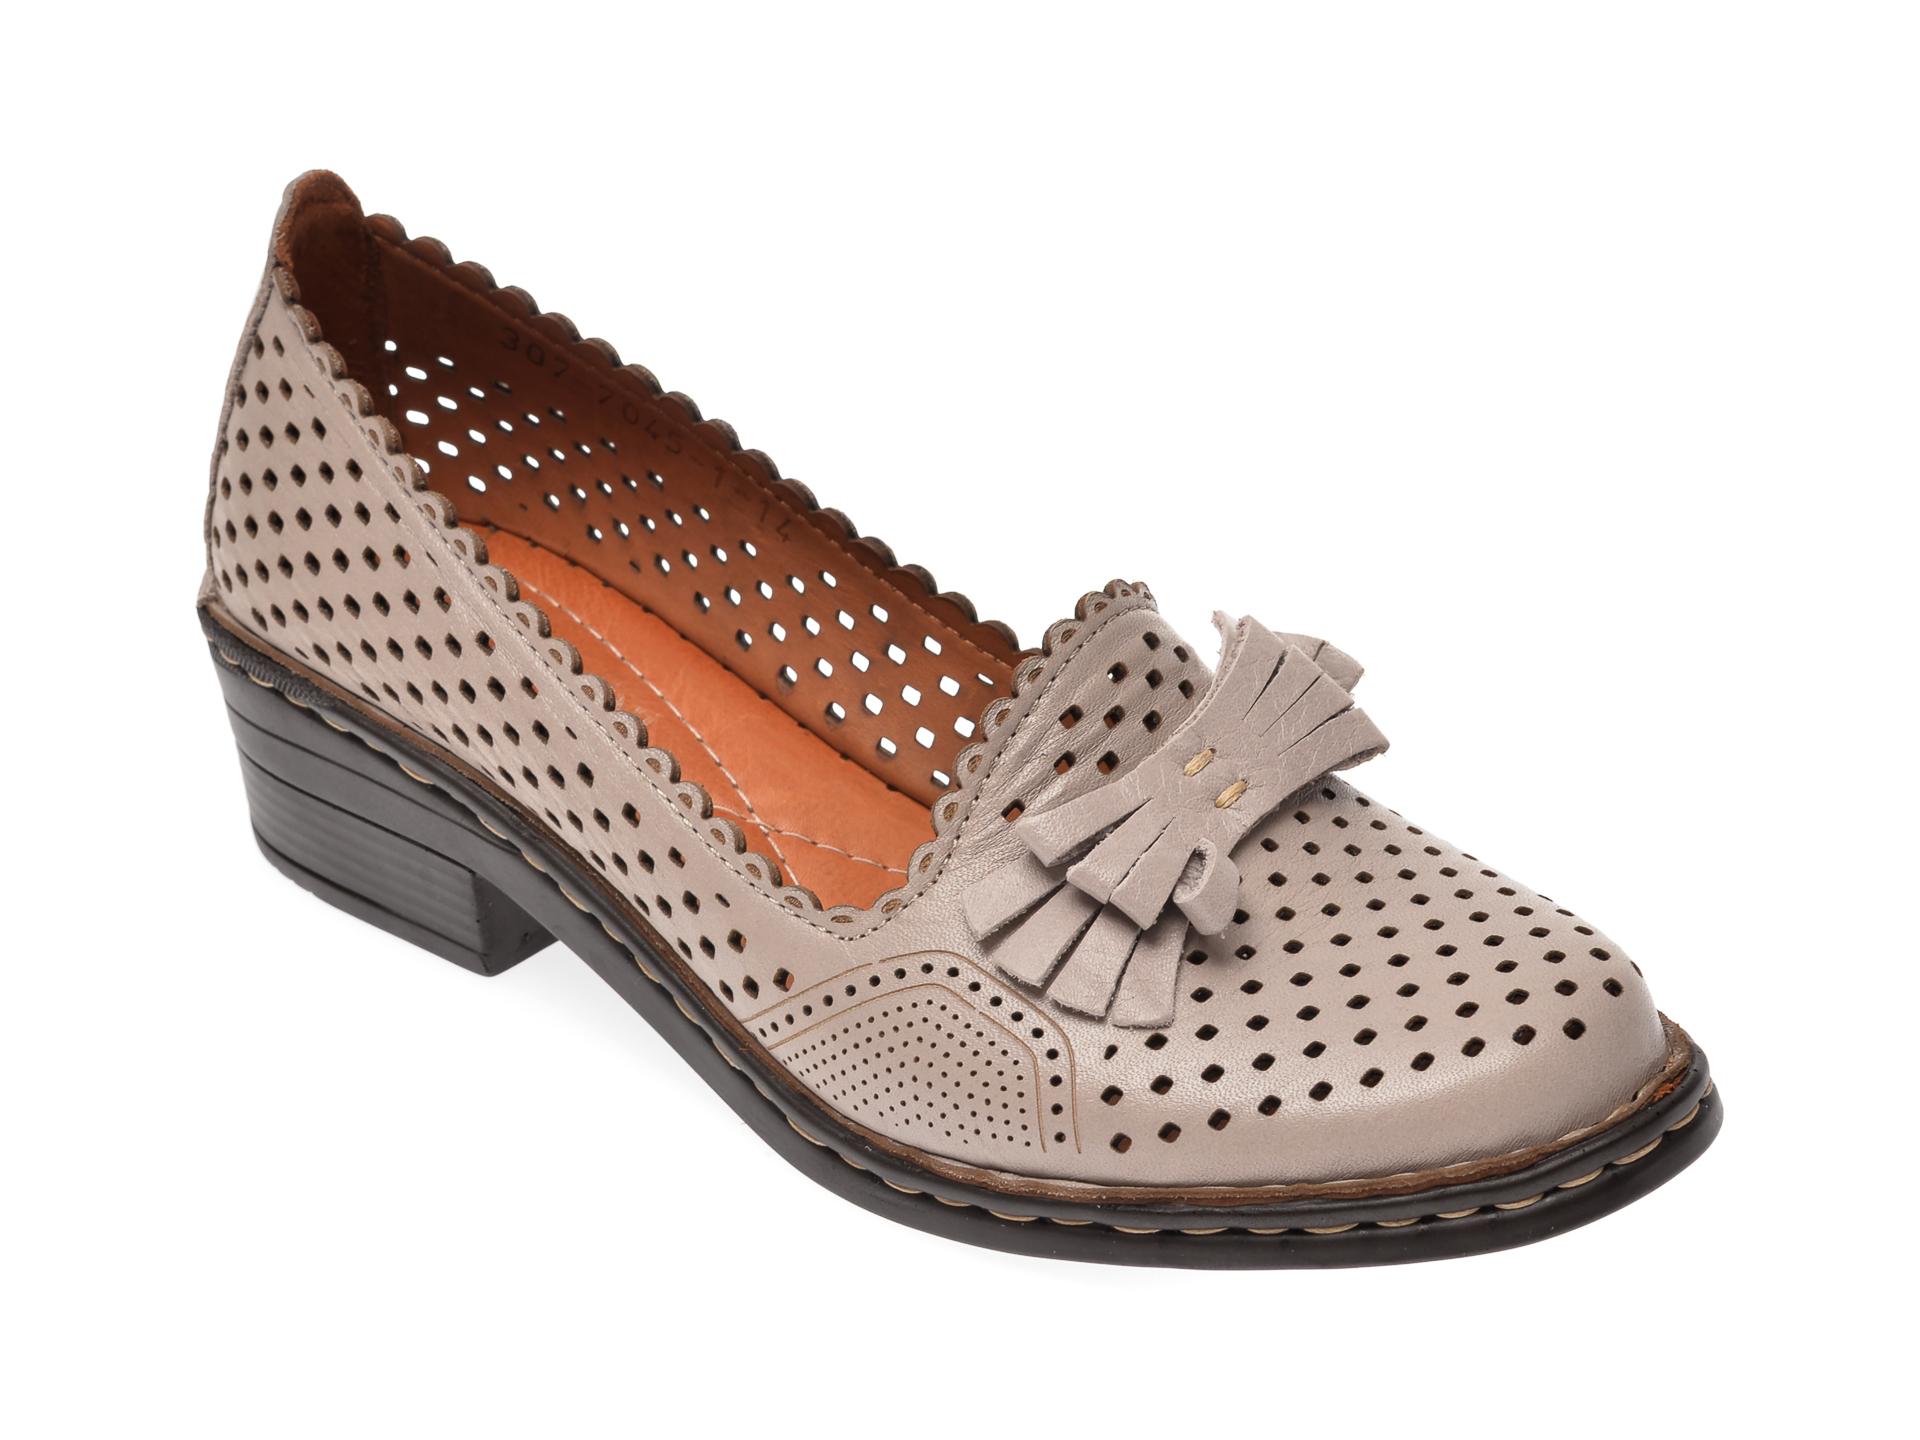 Pantofi Flavia Passini Taupe, 3077045, Din Piele Naturala